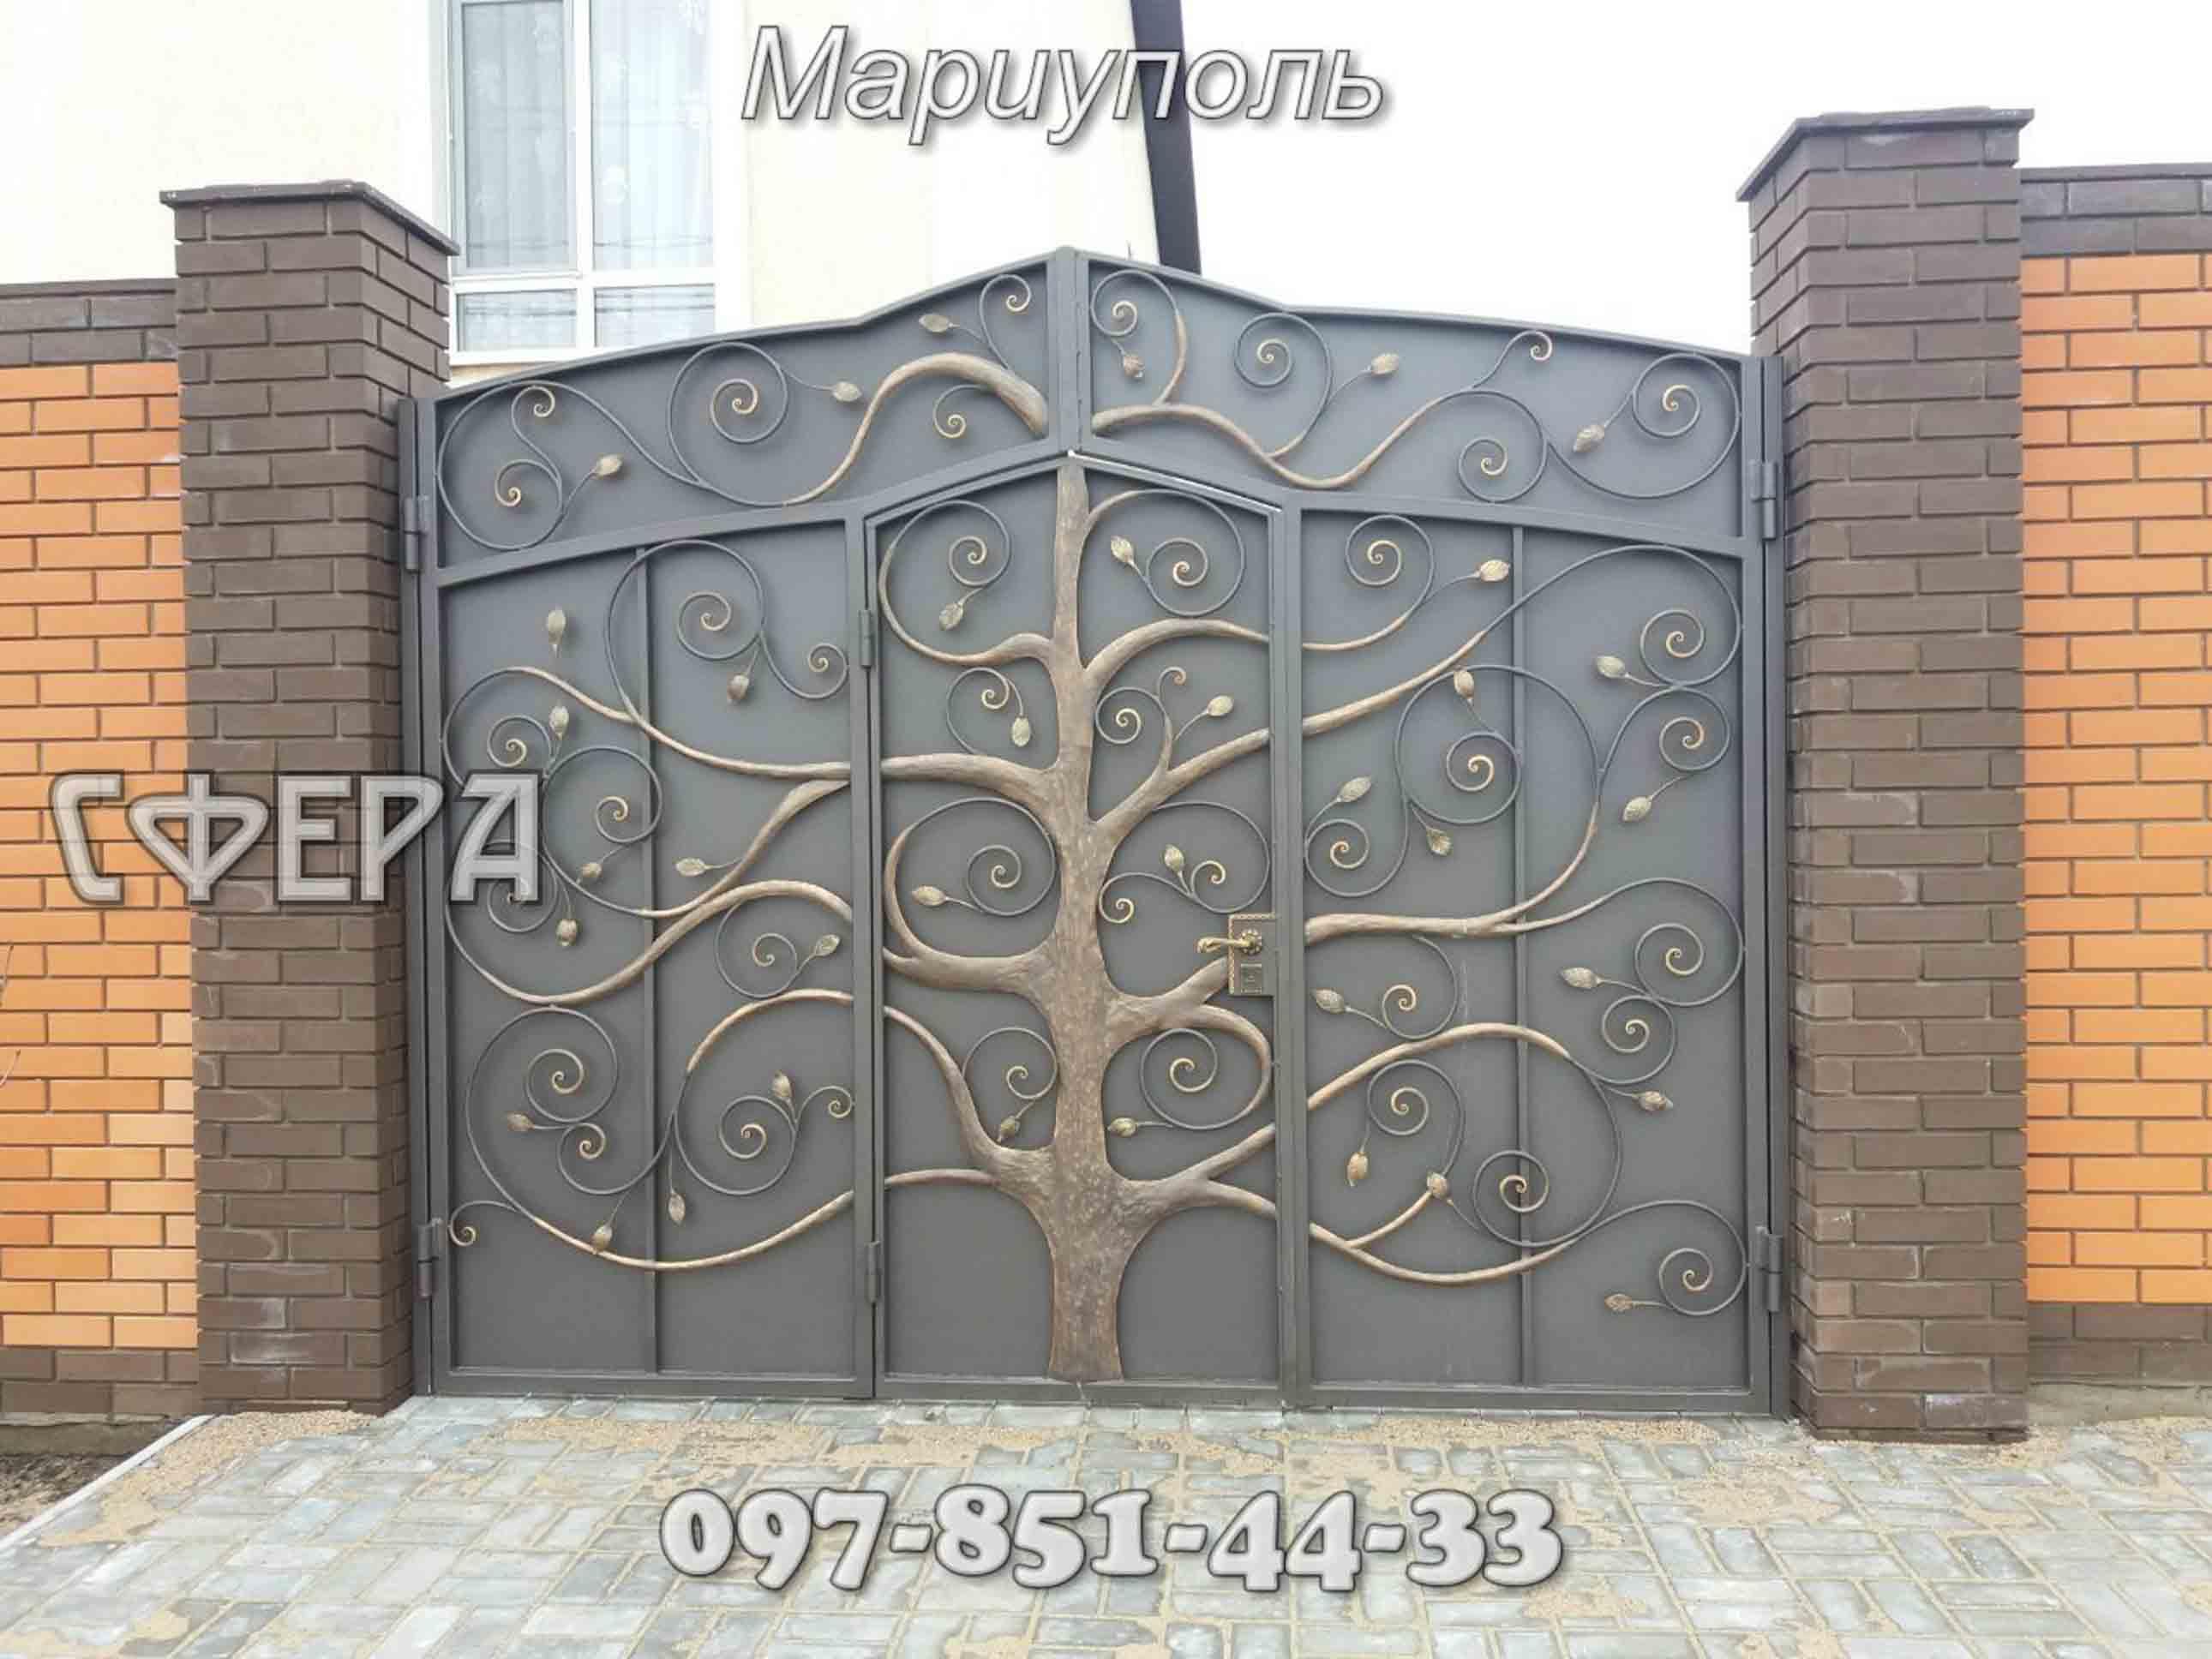 Кованые ворота, металлические, въездные. Мариуполь. фото 1